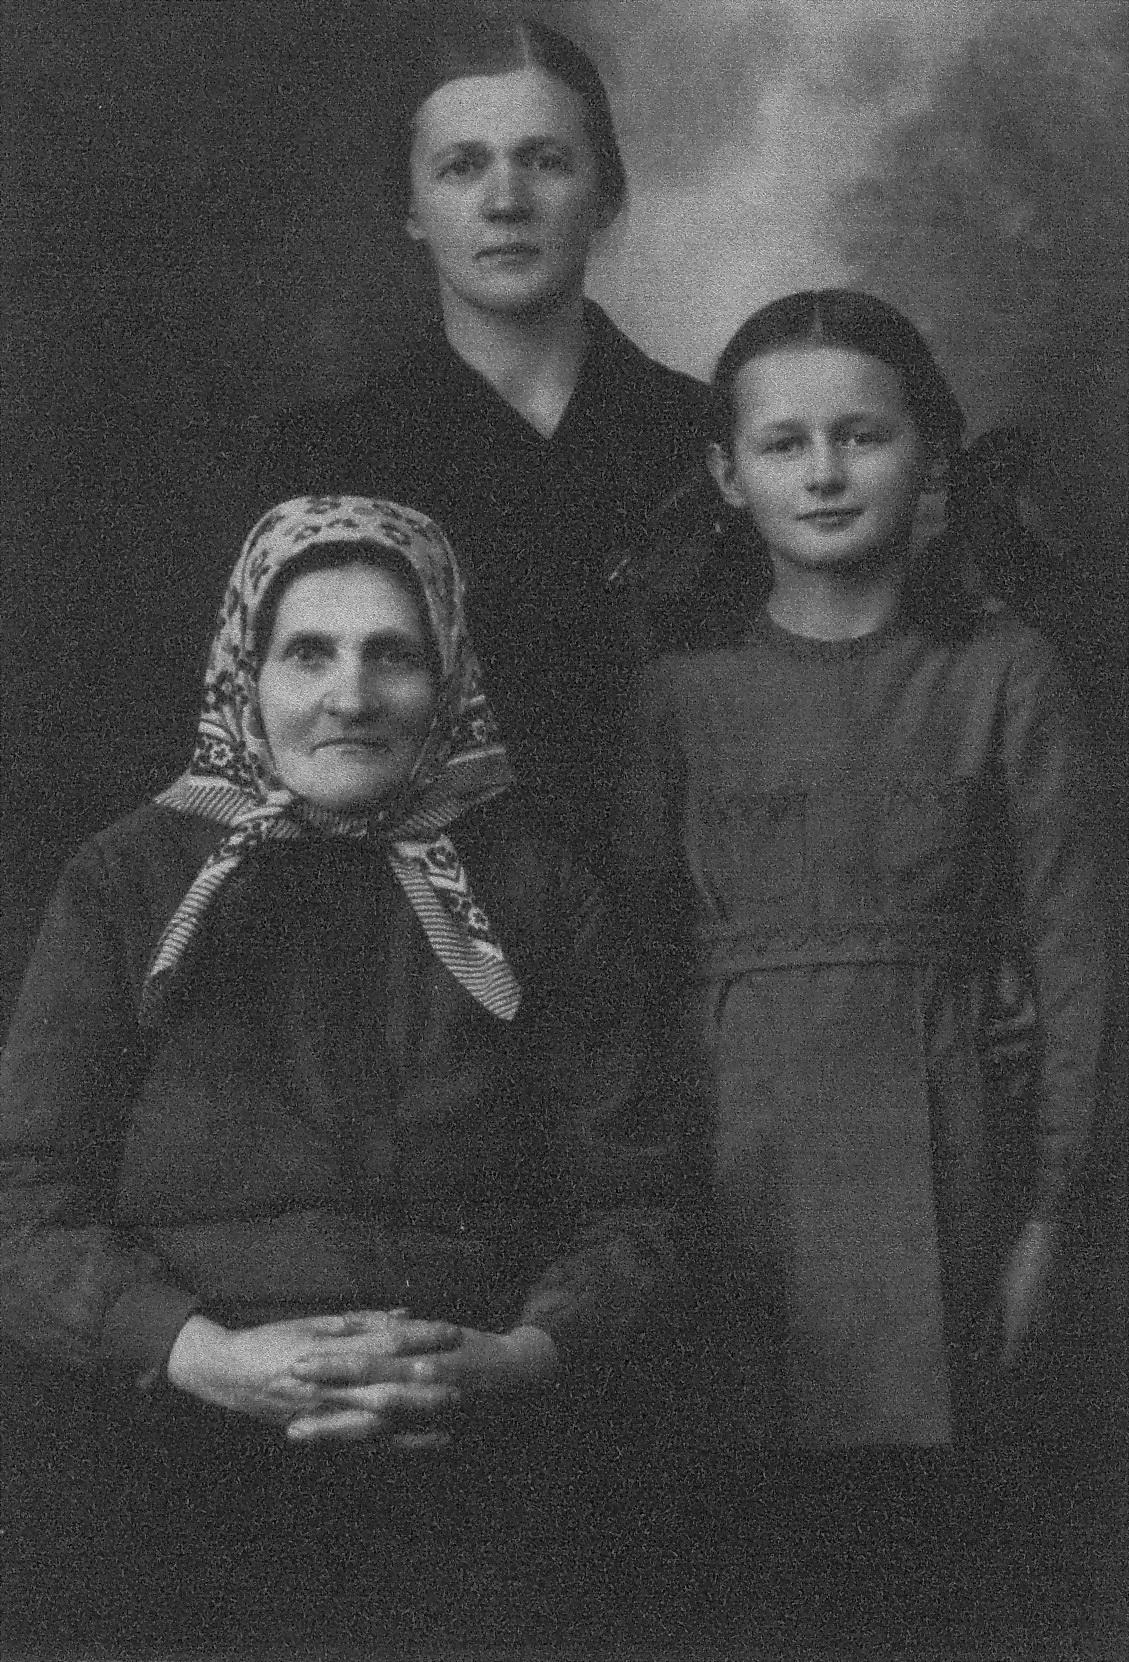 Ona Maksimaitienė su motina Rozalija Kuzmickaite-Girčiene ir dura Rimgaile Panevėžyje, 1940-aisiais. PANEVĖŽIO APSKRITIES GABRIELĖS PETKEVIČAITĖS-BITĖS VIEŠOSIOS BIBLIOTEKOS (Onos Maksimaitienės fondo) nuotr.